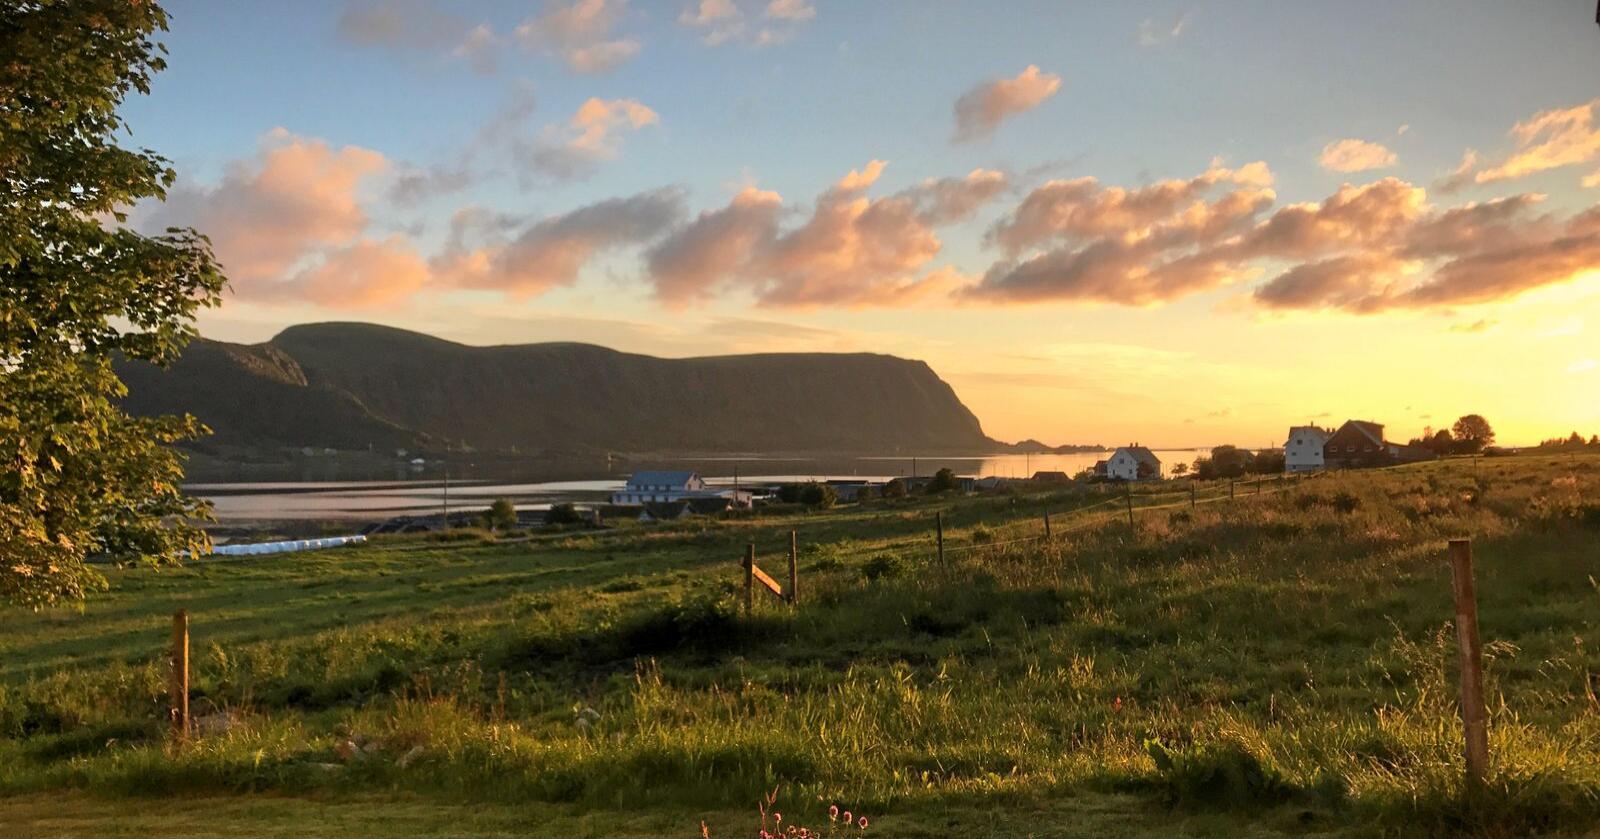 Her utsikt frå Skuløya mot Haramsøya, der vindkraftutbygginga er planlagt. Øyane blir landfaste når utbygginga av fastlandssambandet Nordøyvegen blir ferdig.